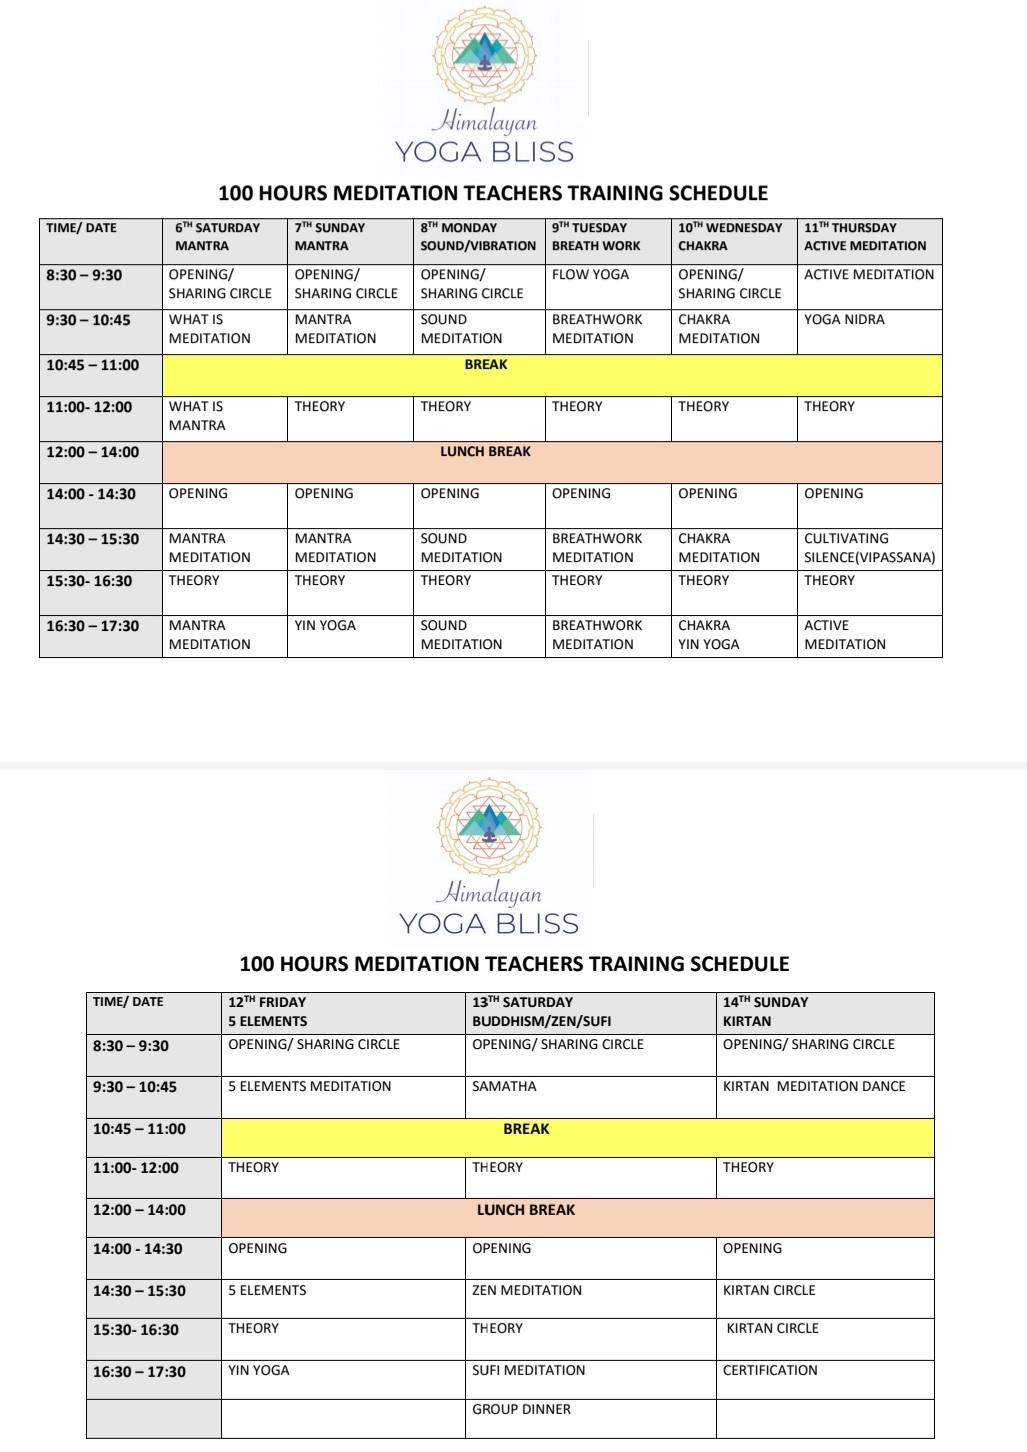 Sonam+Schedule.jpg